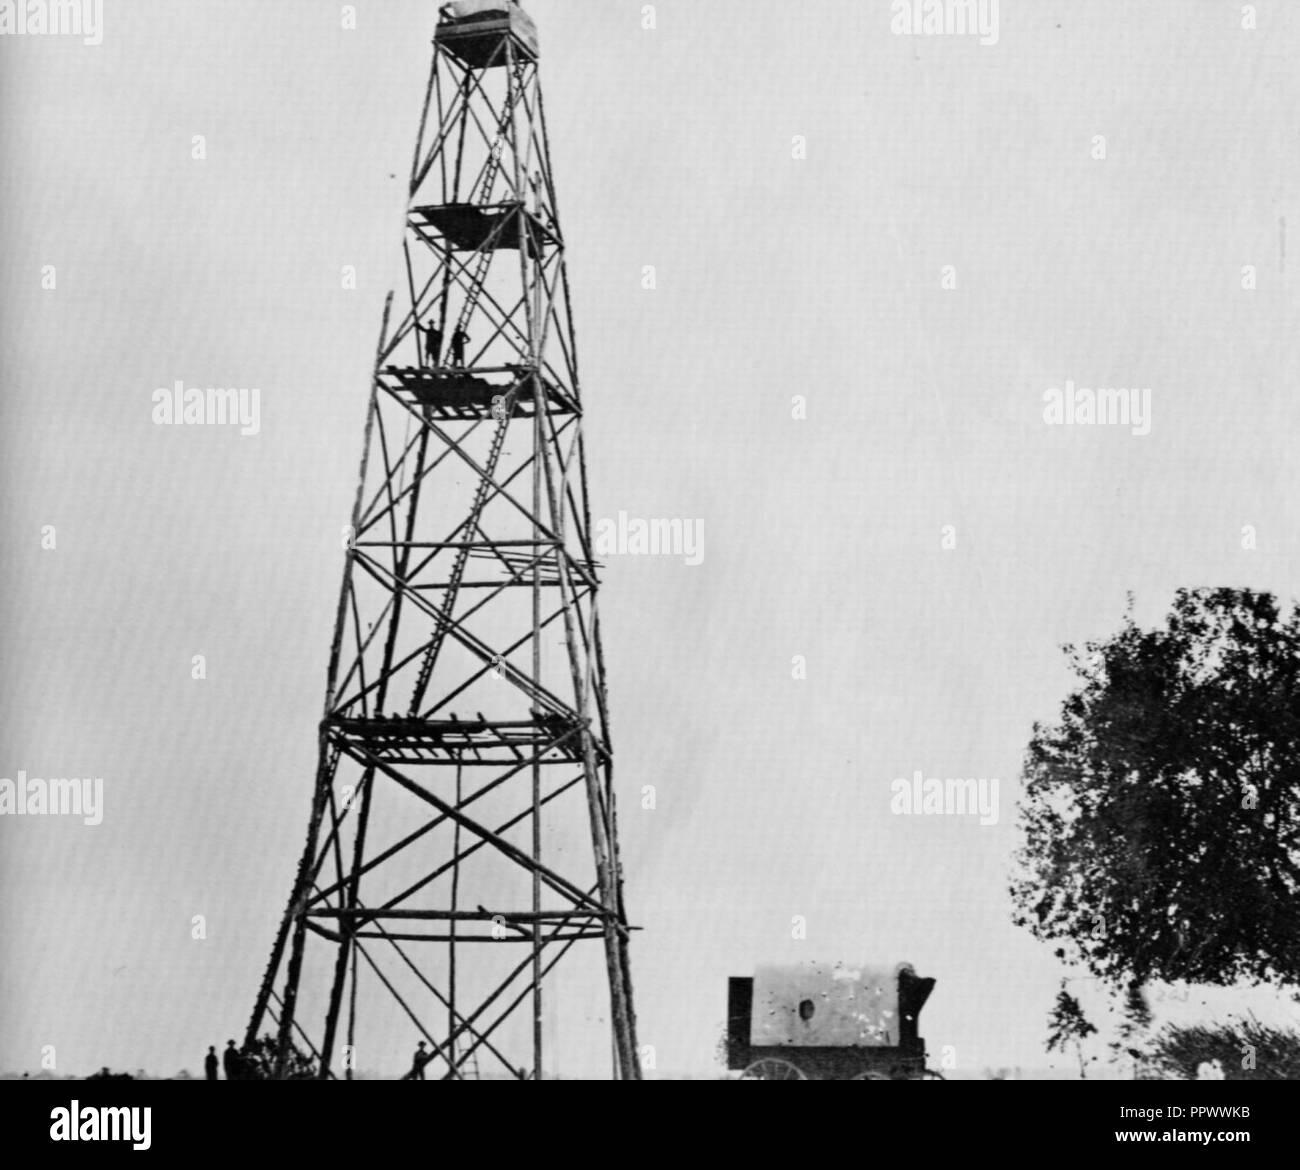 Brady, Mathew B. - Spähturm auf der Linie vor Petersburg VA. Stock Photo